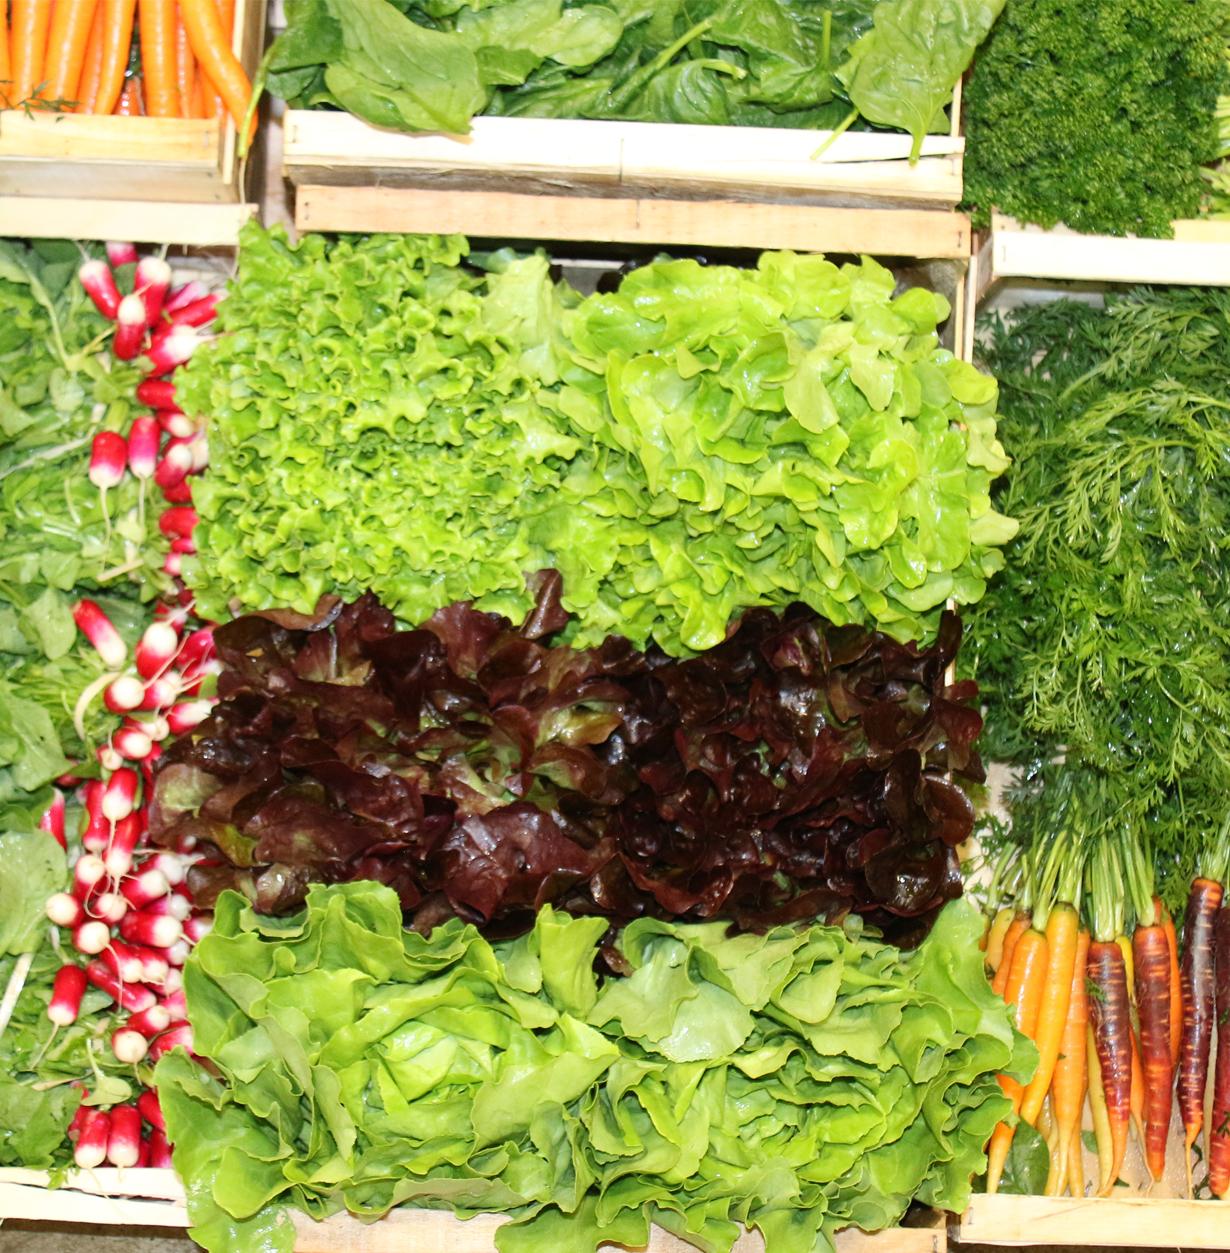 Colis de légumes fraîchement récoltés